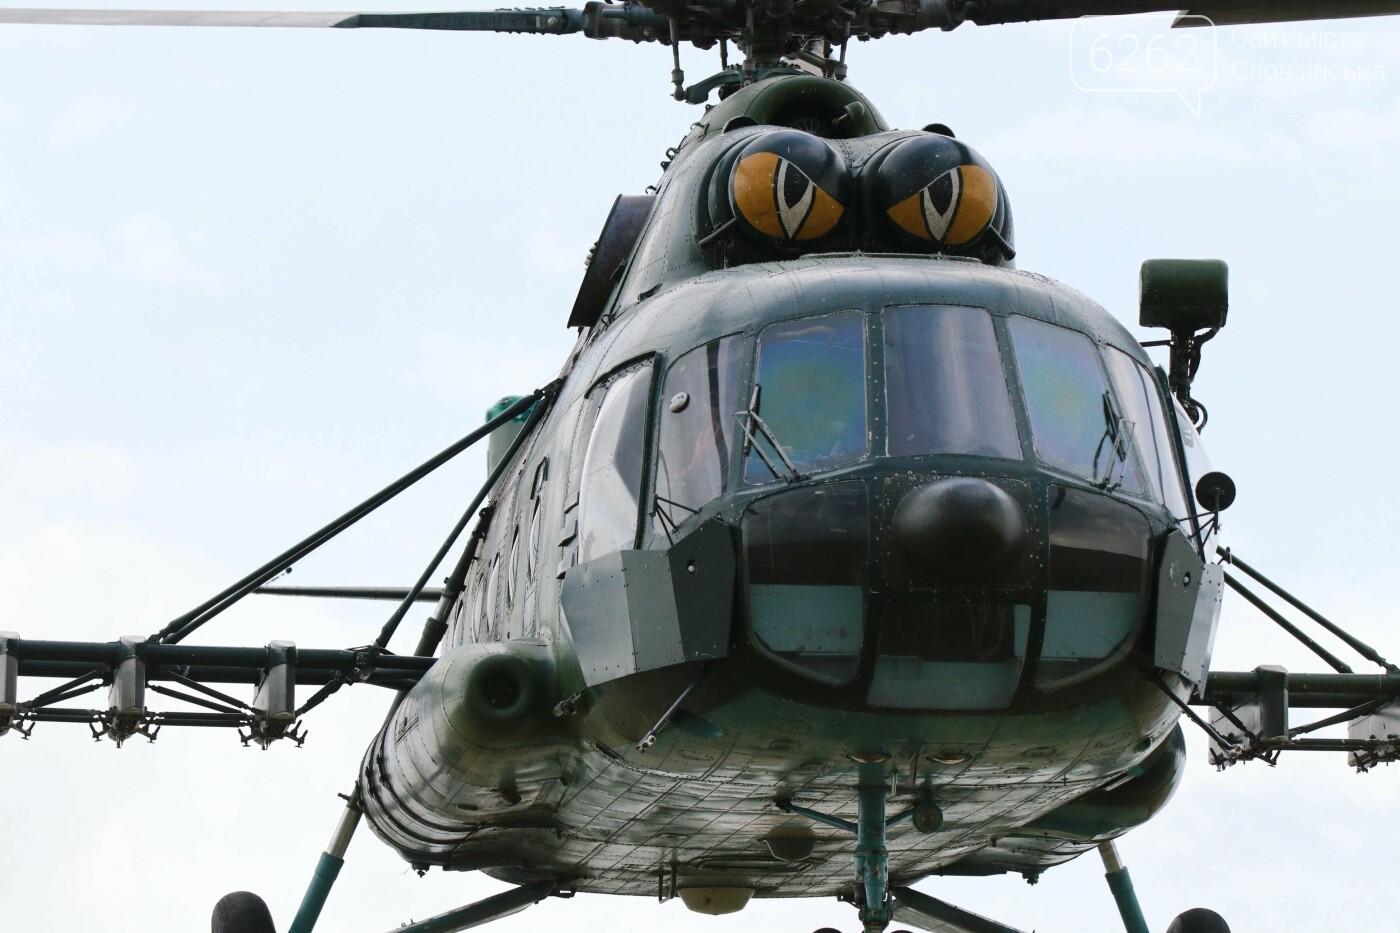 Стрибки з парашутами на околицях Дружківки. Як проходить бойова підготовка десантників - ВІДЕО, фото-3